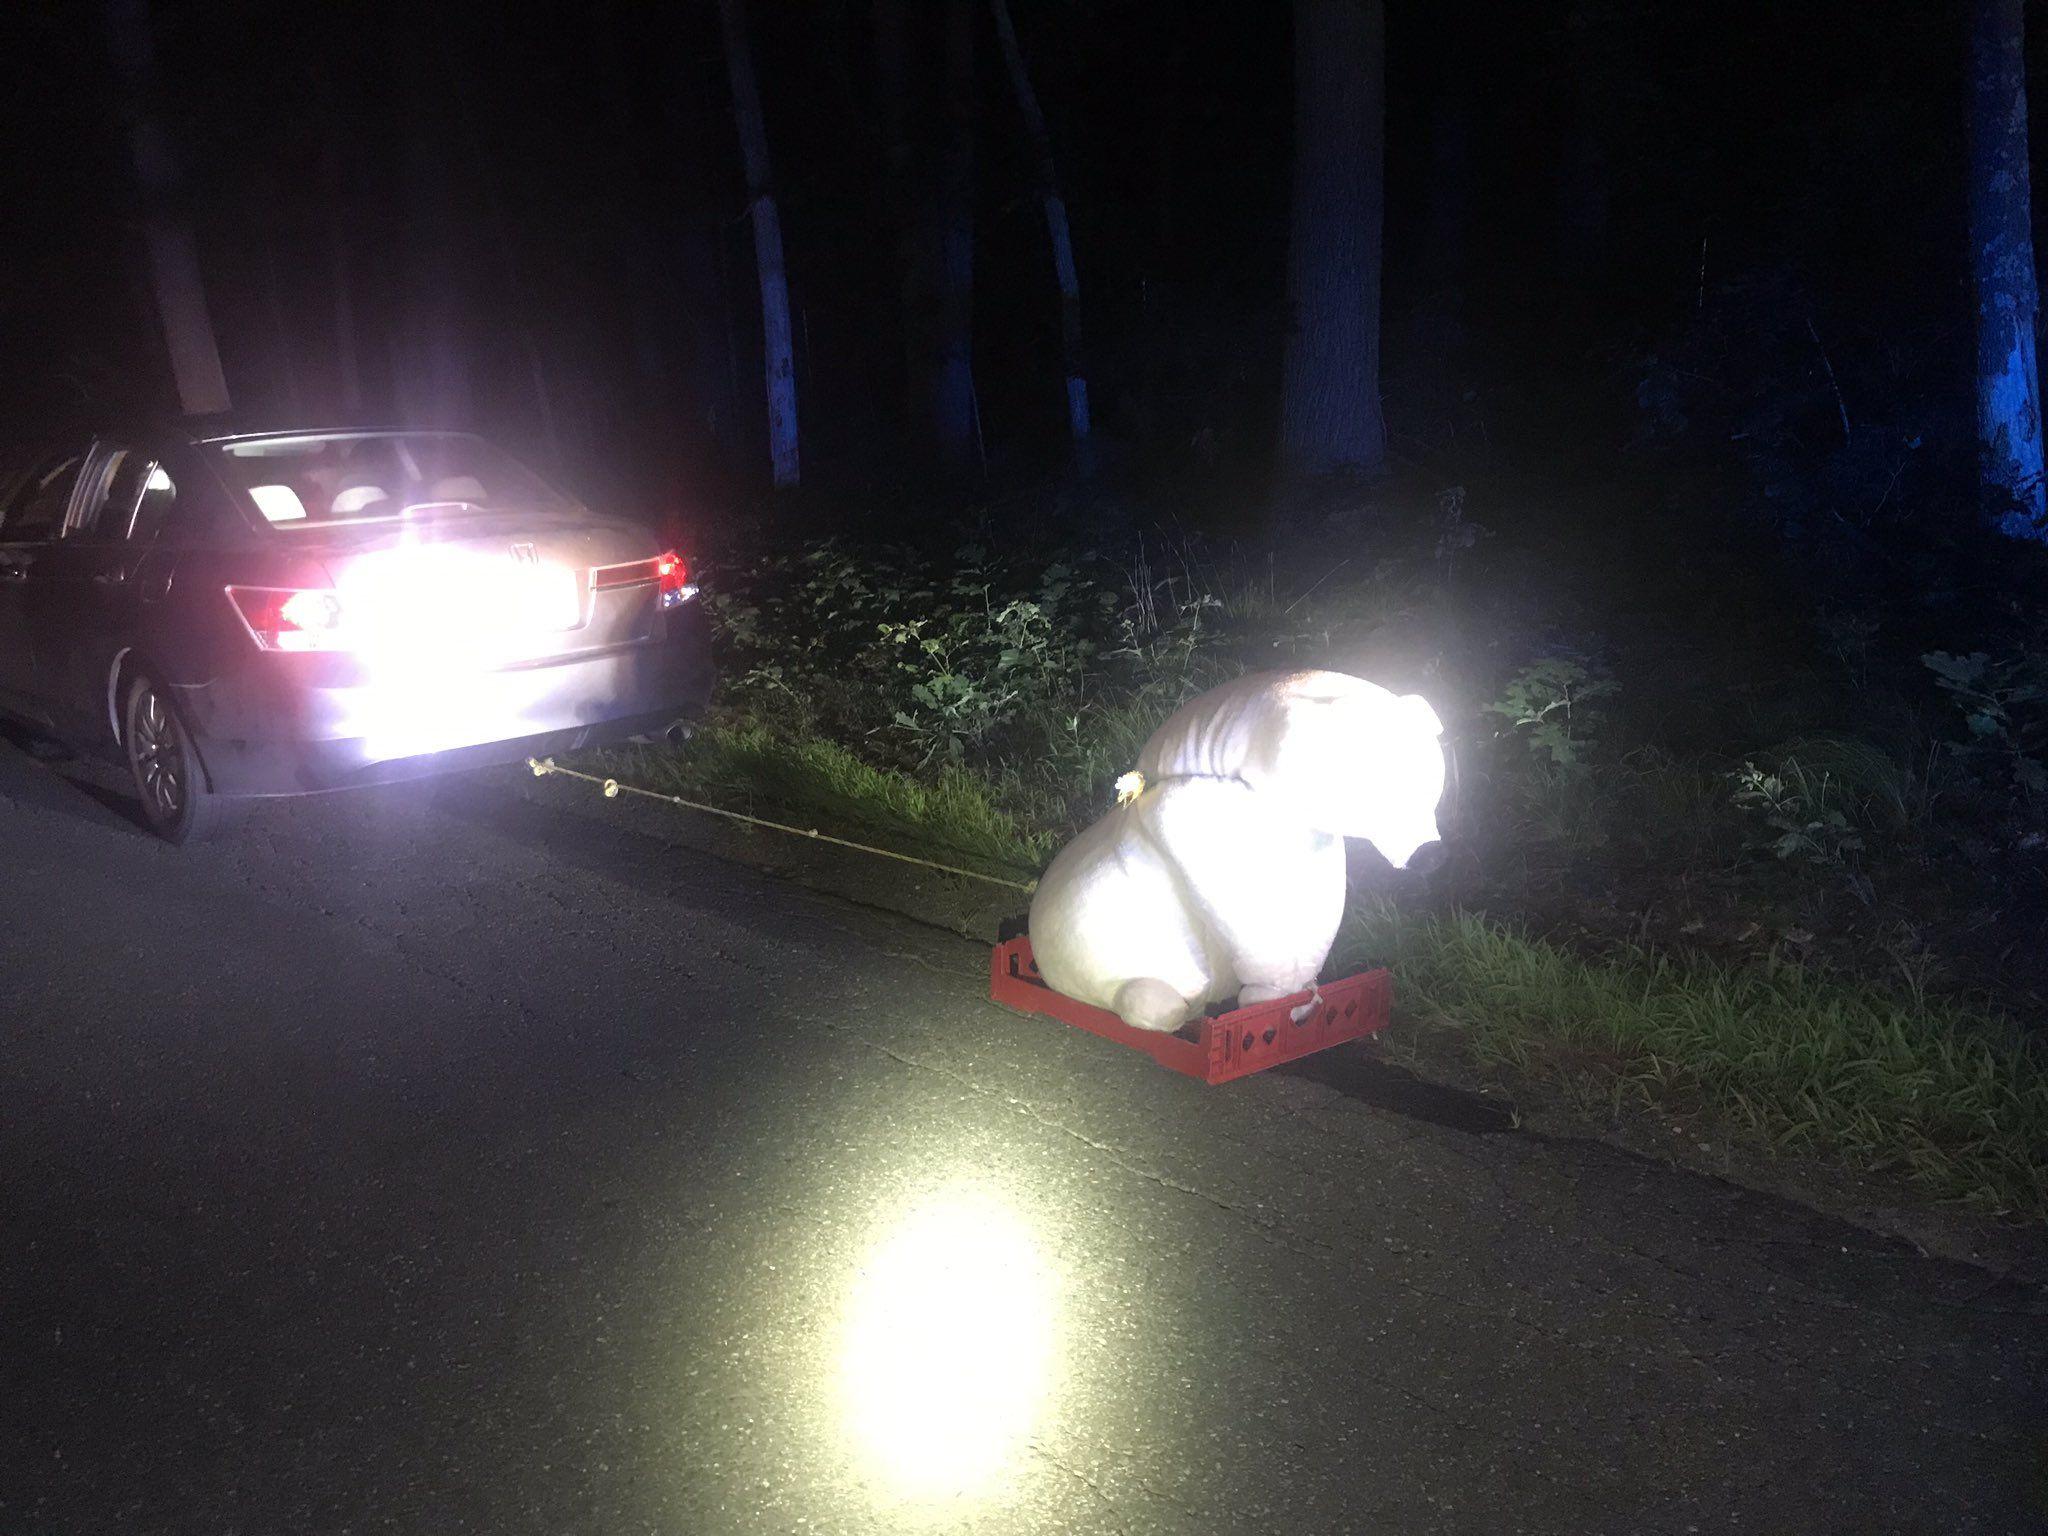 В США водителя остановили за буксировку плюшевого медведя 1